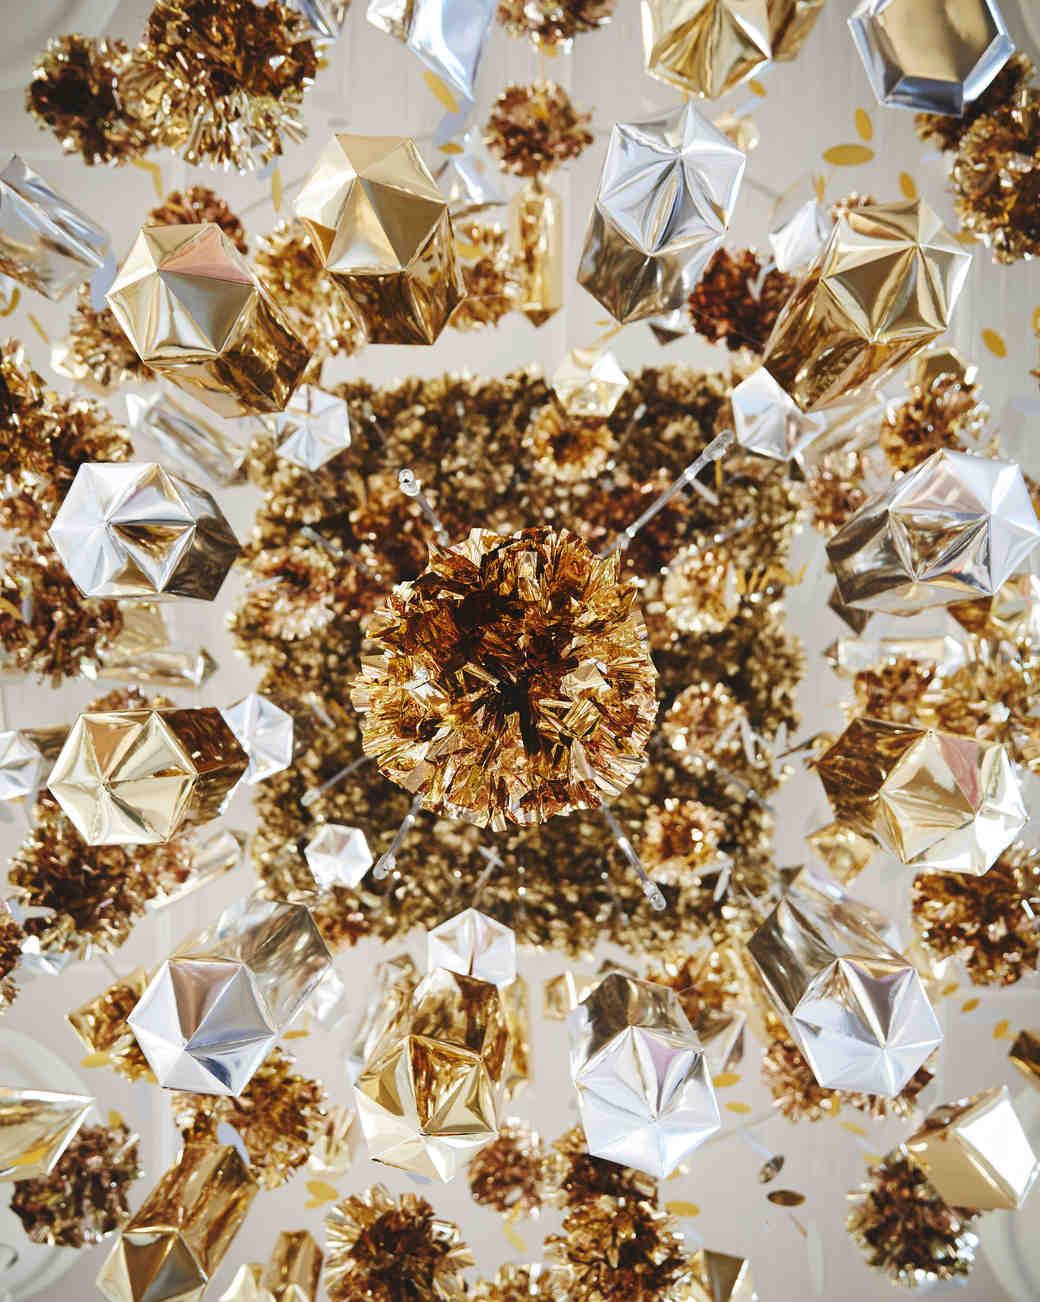 martha-weddings-party-2015-christian-oth-151012-0299-1015.jpg